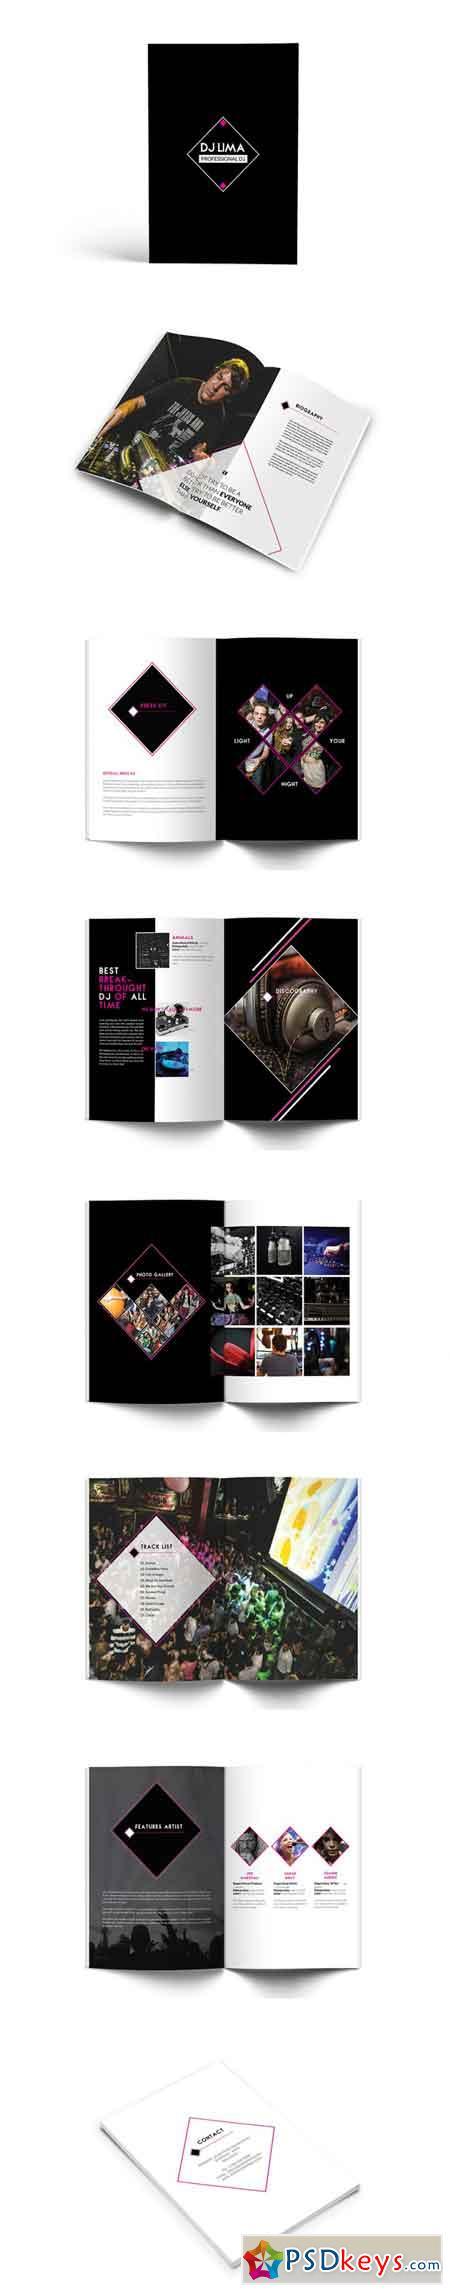 DJ Press Kit Brochure 3518579